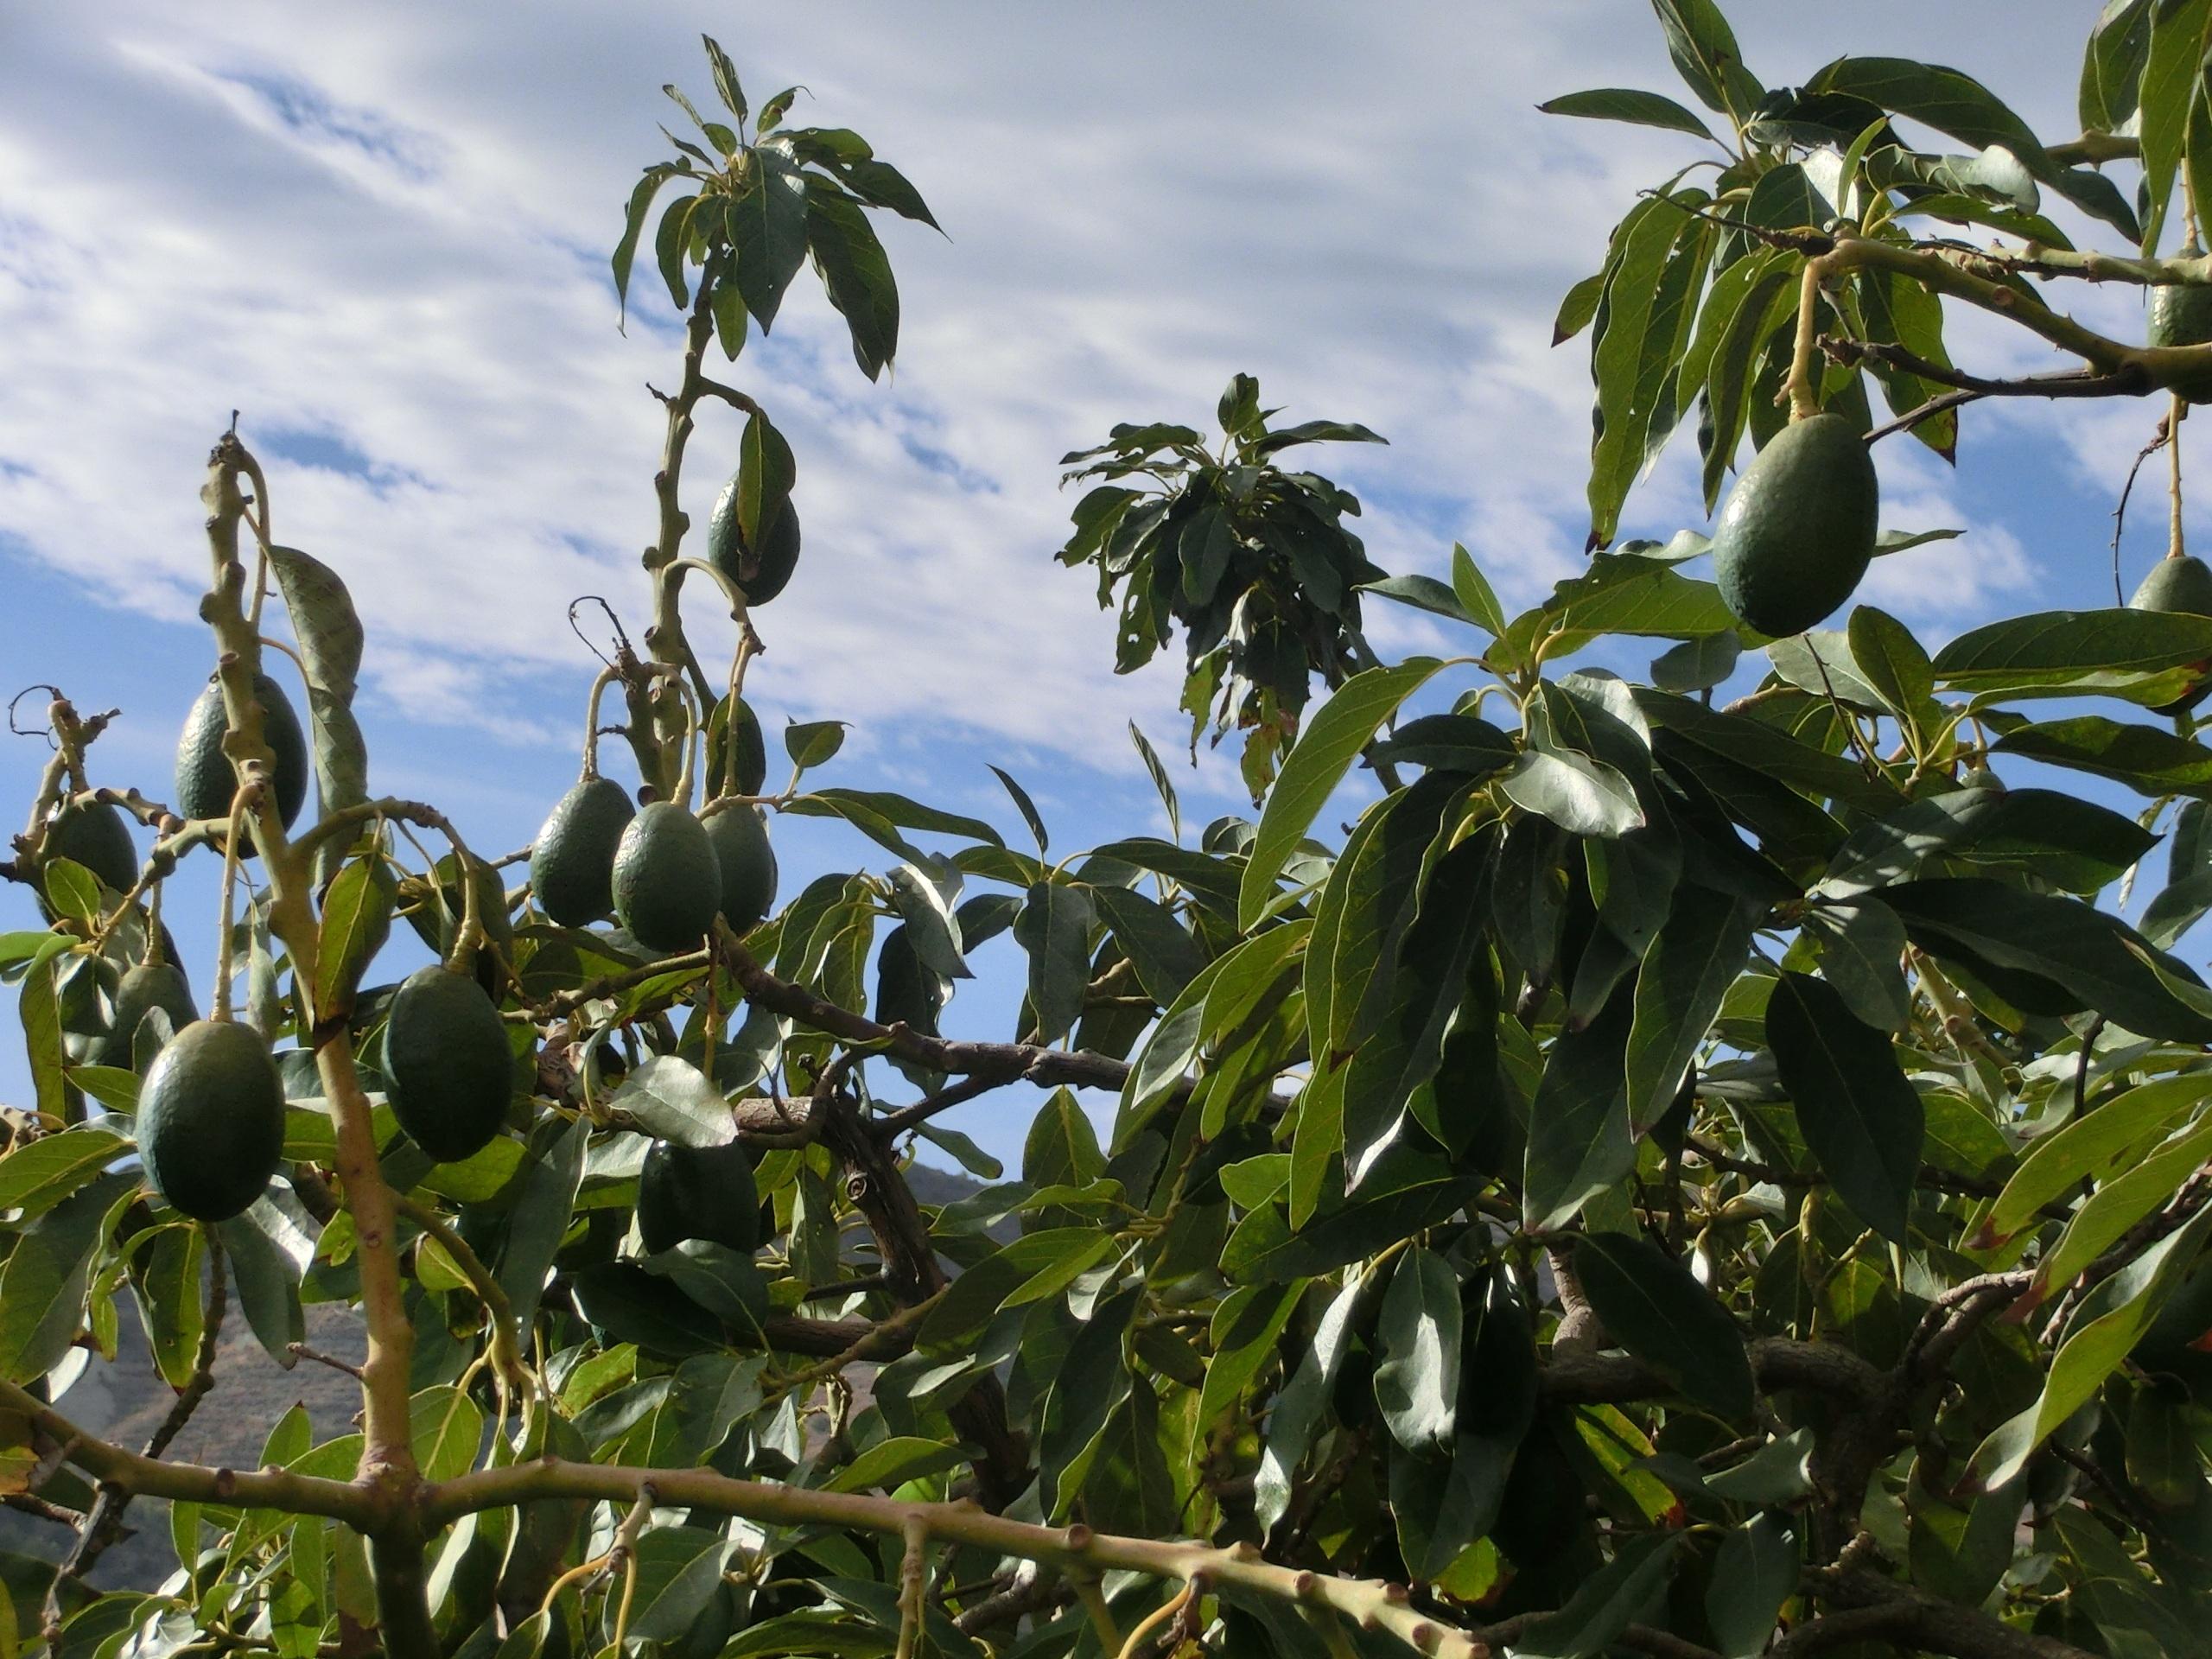 images gratuites : arbre, la nature, branche, fruit, fleur, aliments